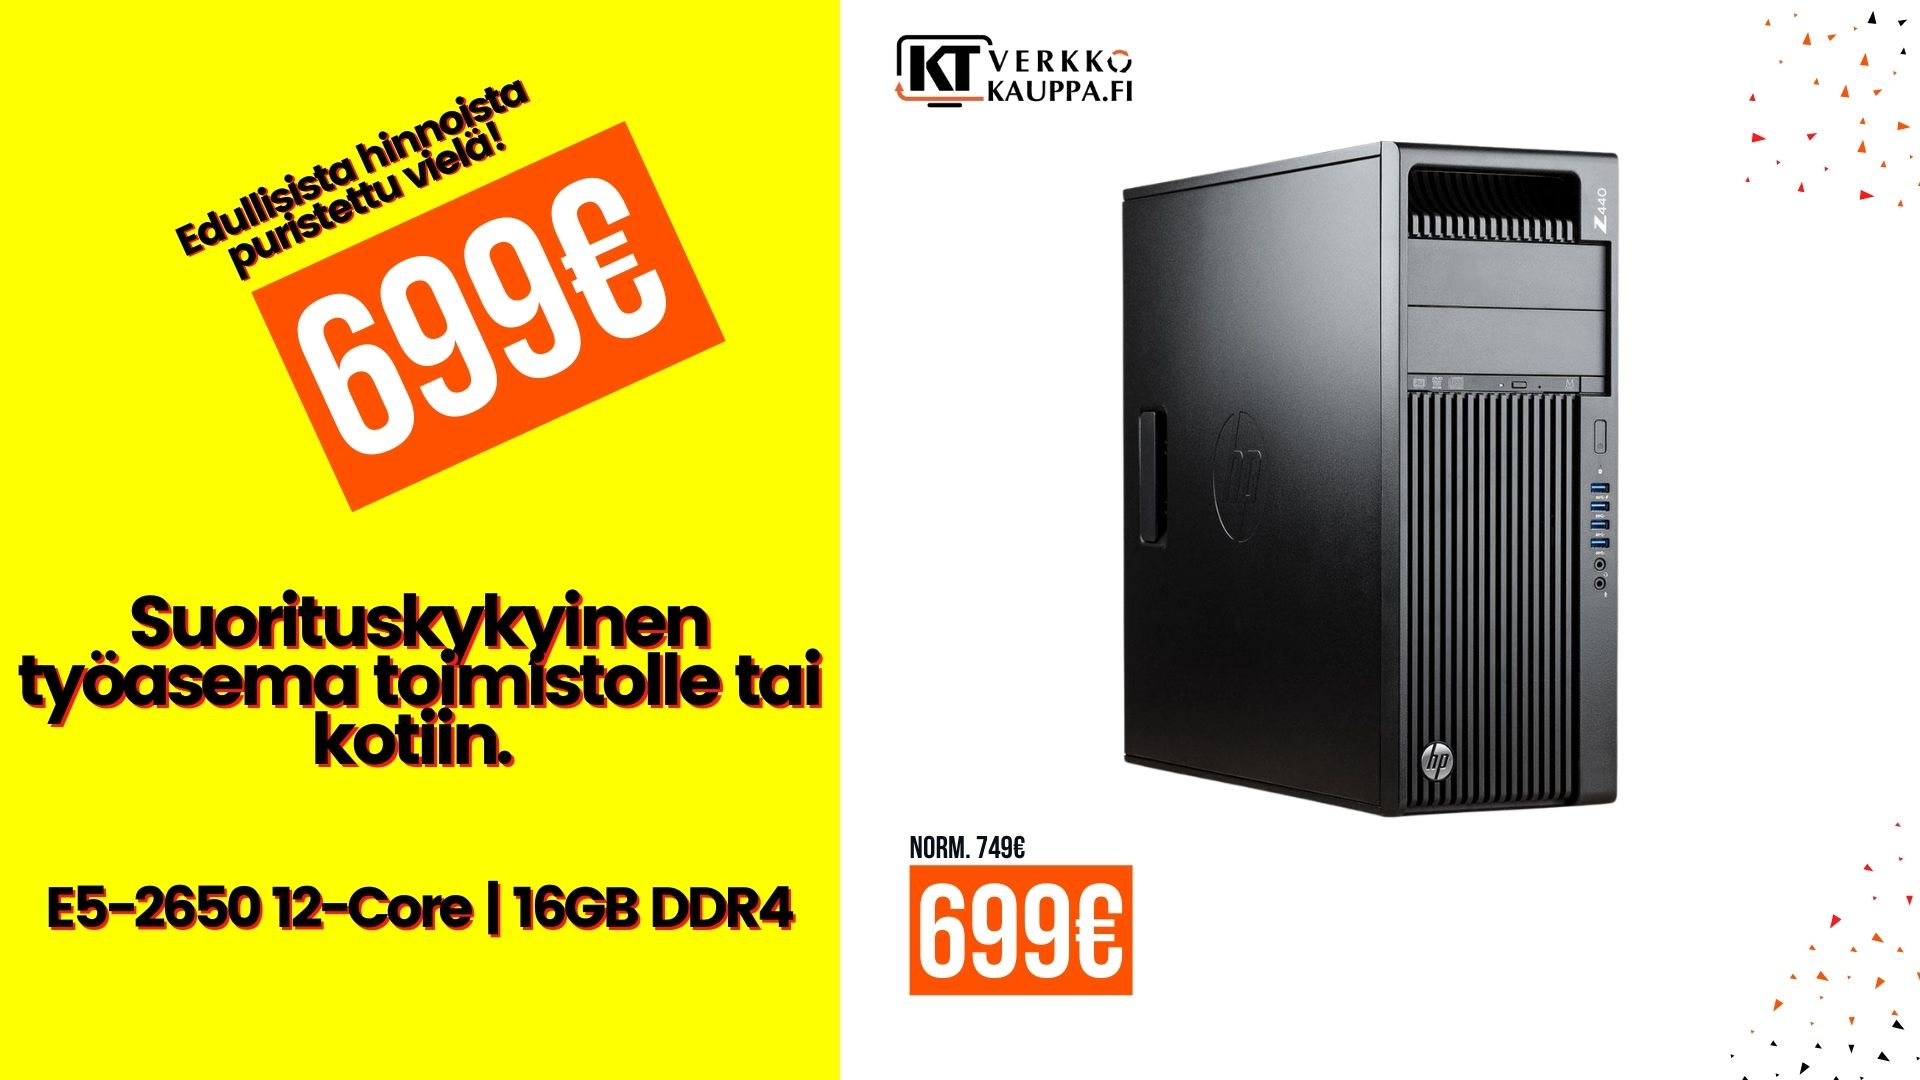 E5-2650 V4 12-core tarjousland